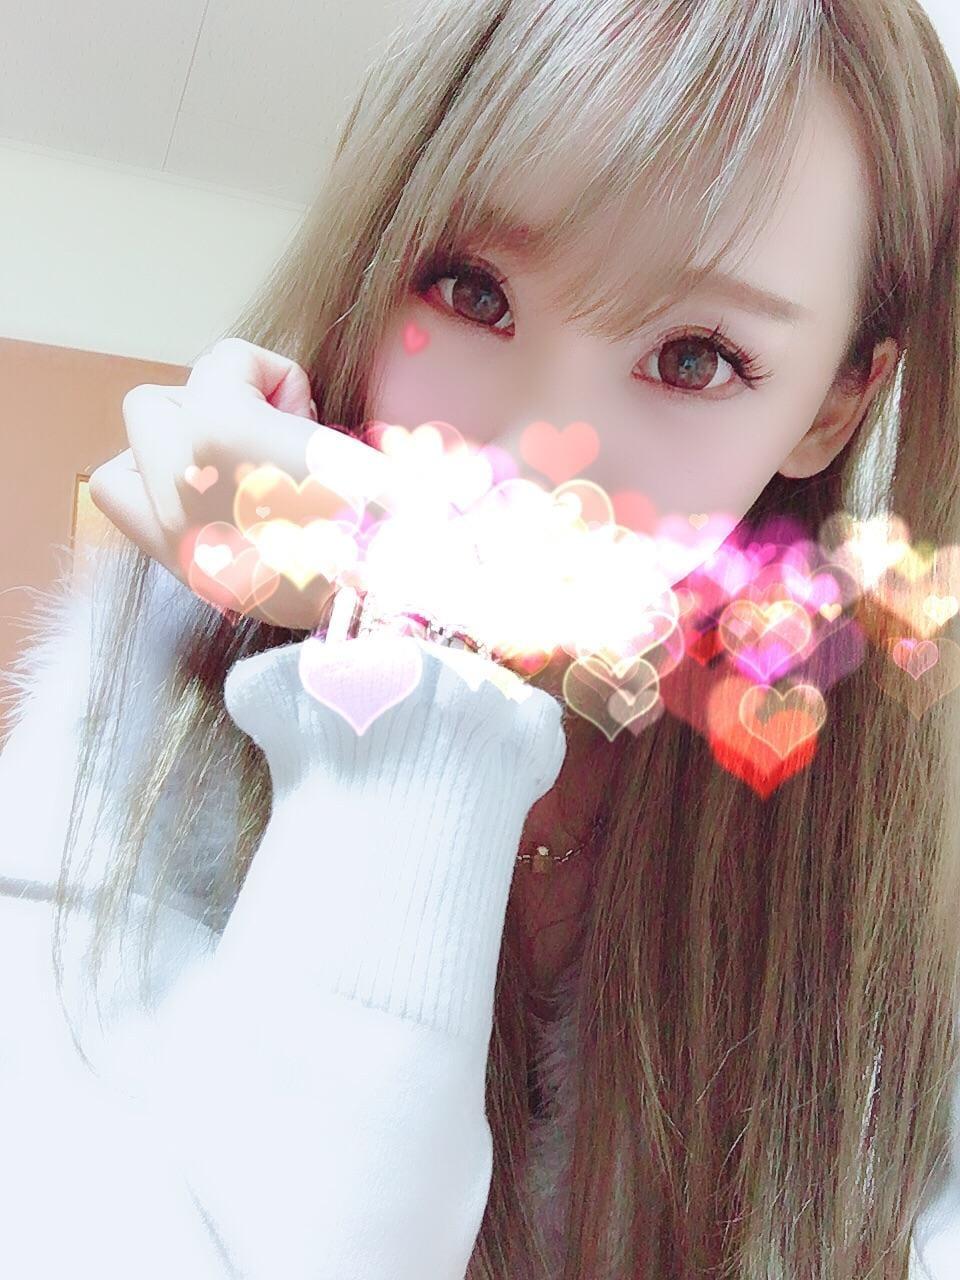 「こんにちわ」11/24(土) 20:20 | ERIKAの写メ・風俗動画